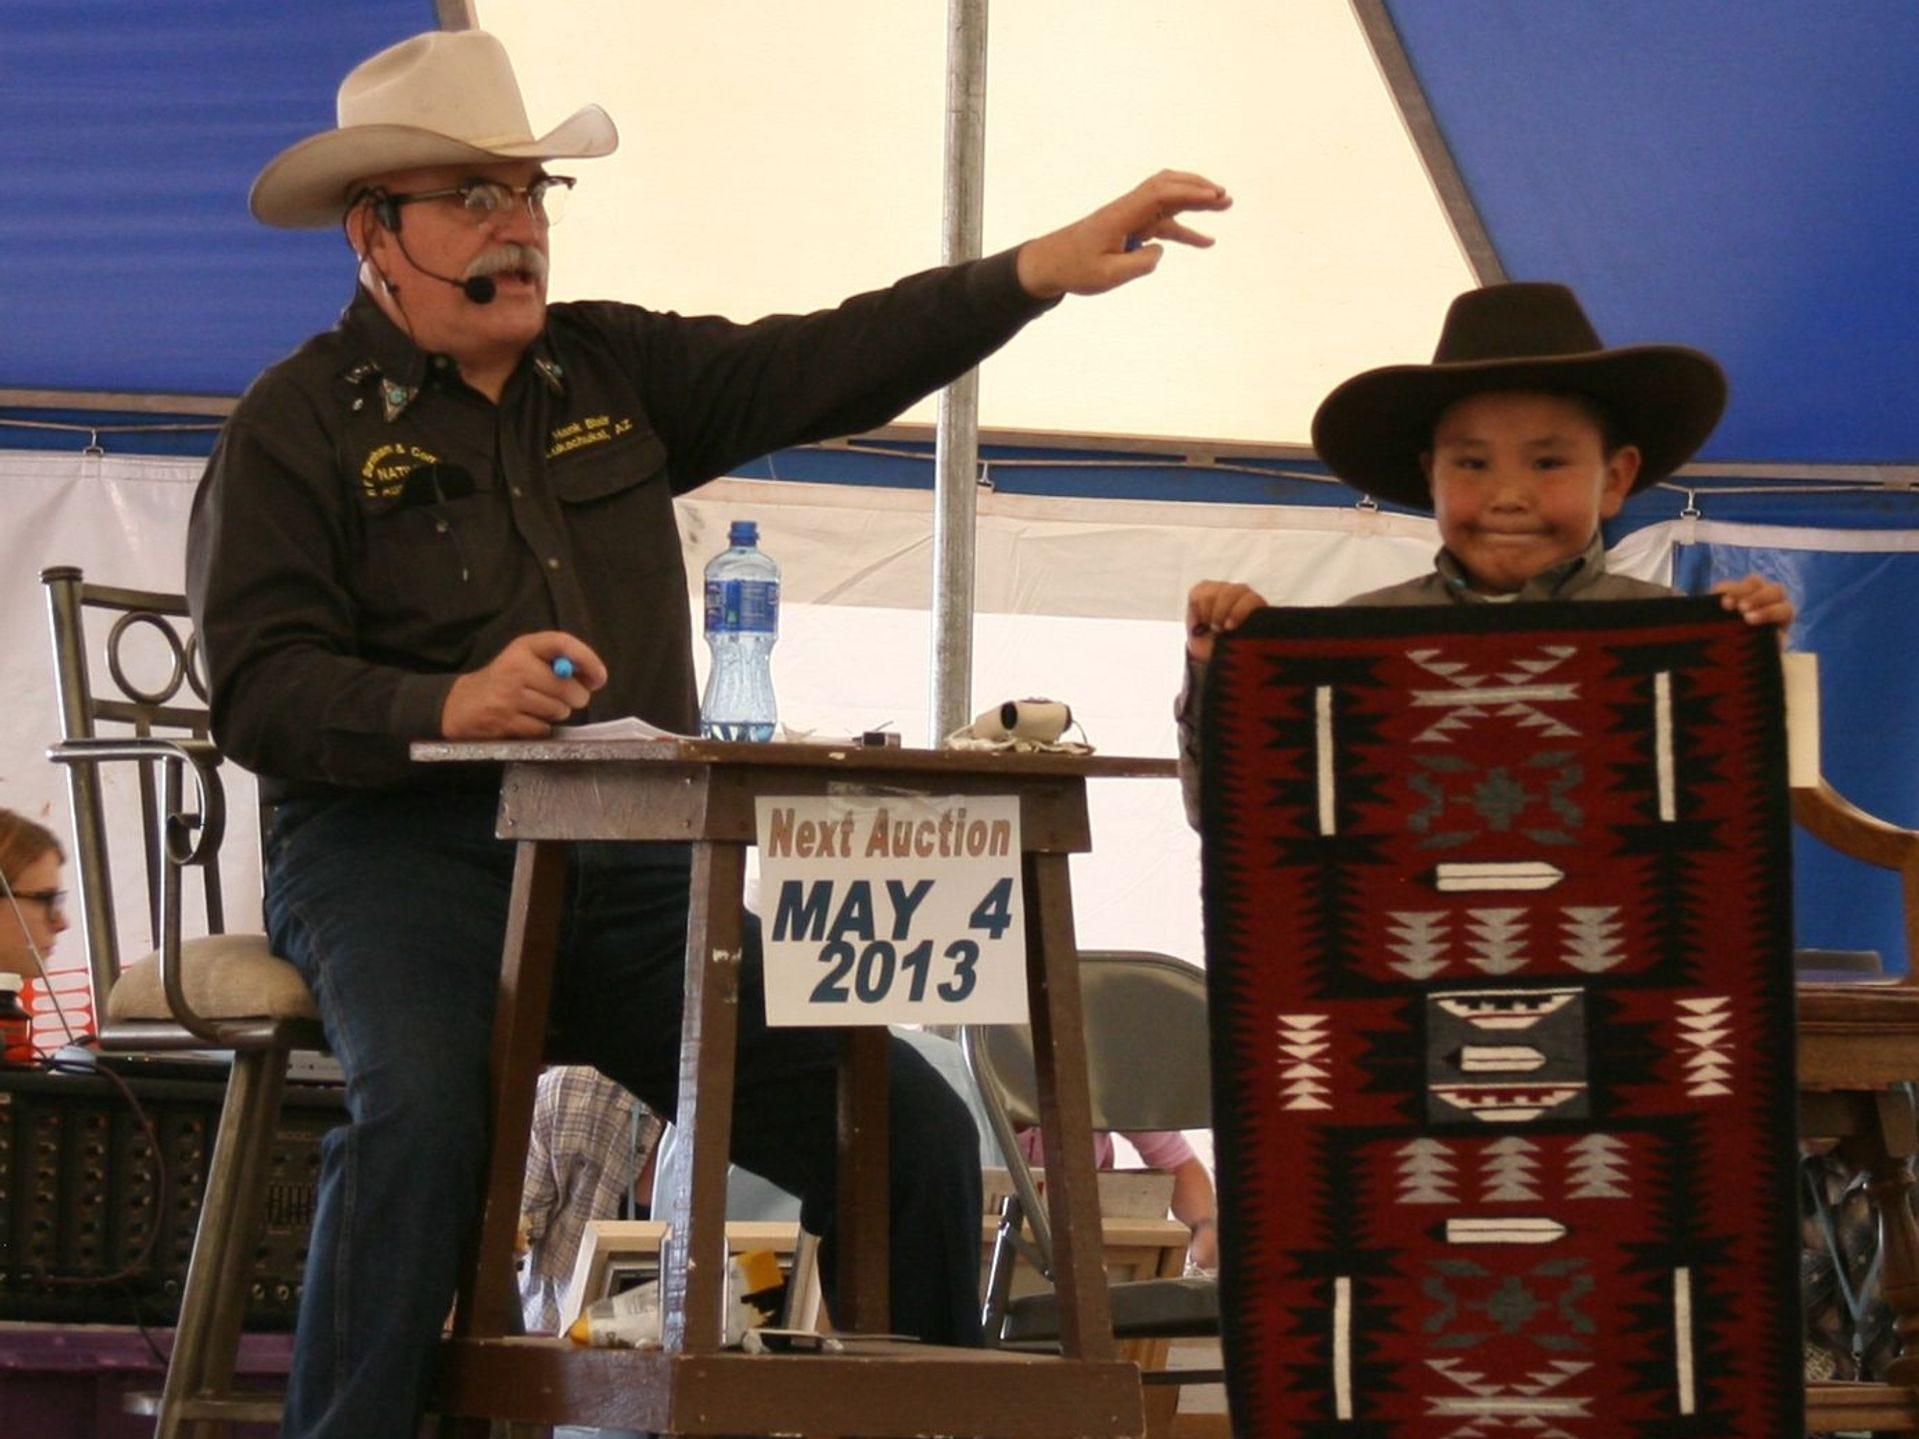 Las alfombras Navajo forman parte de la subasta anual de arte nativo americano en el Sitio Histórico Nacional Hubbell Trading Post en Ganado en la Reserva Navajo.